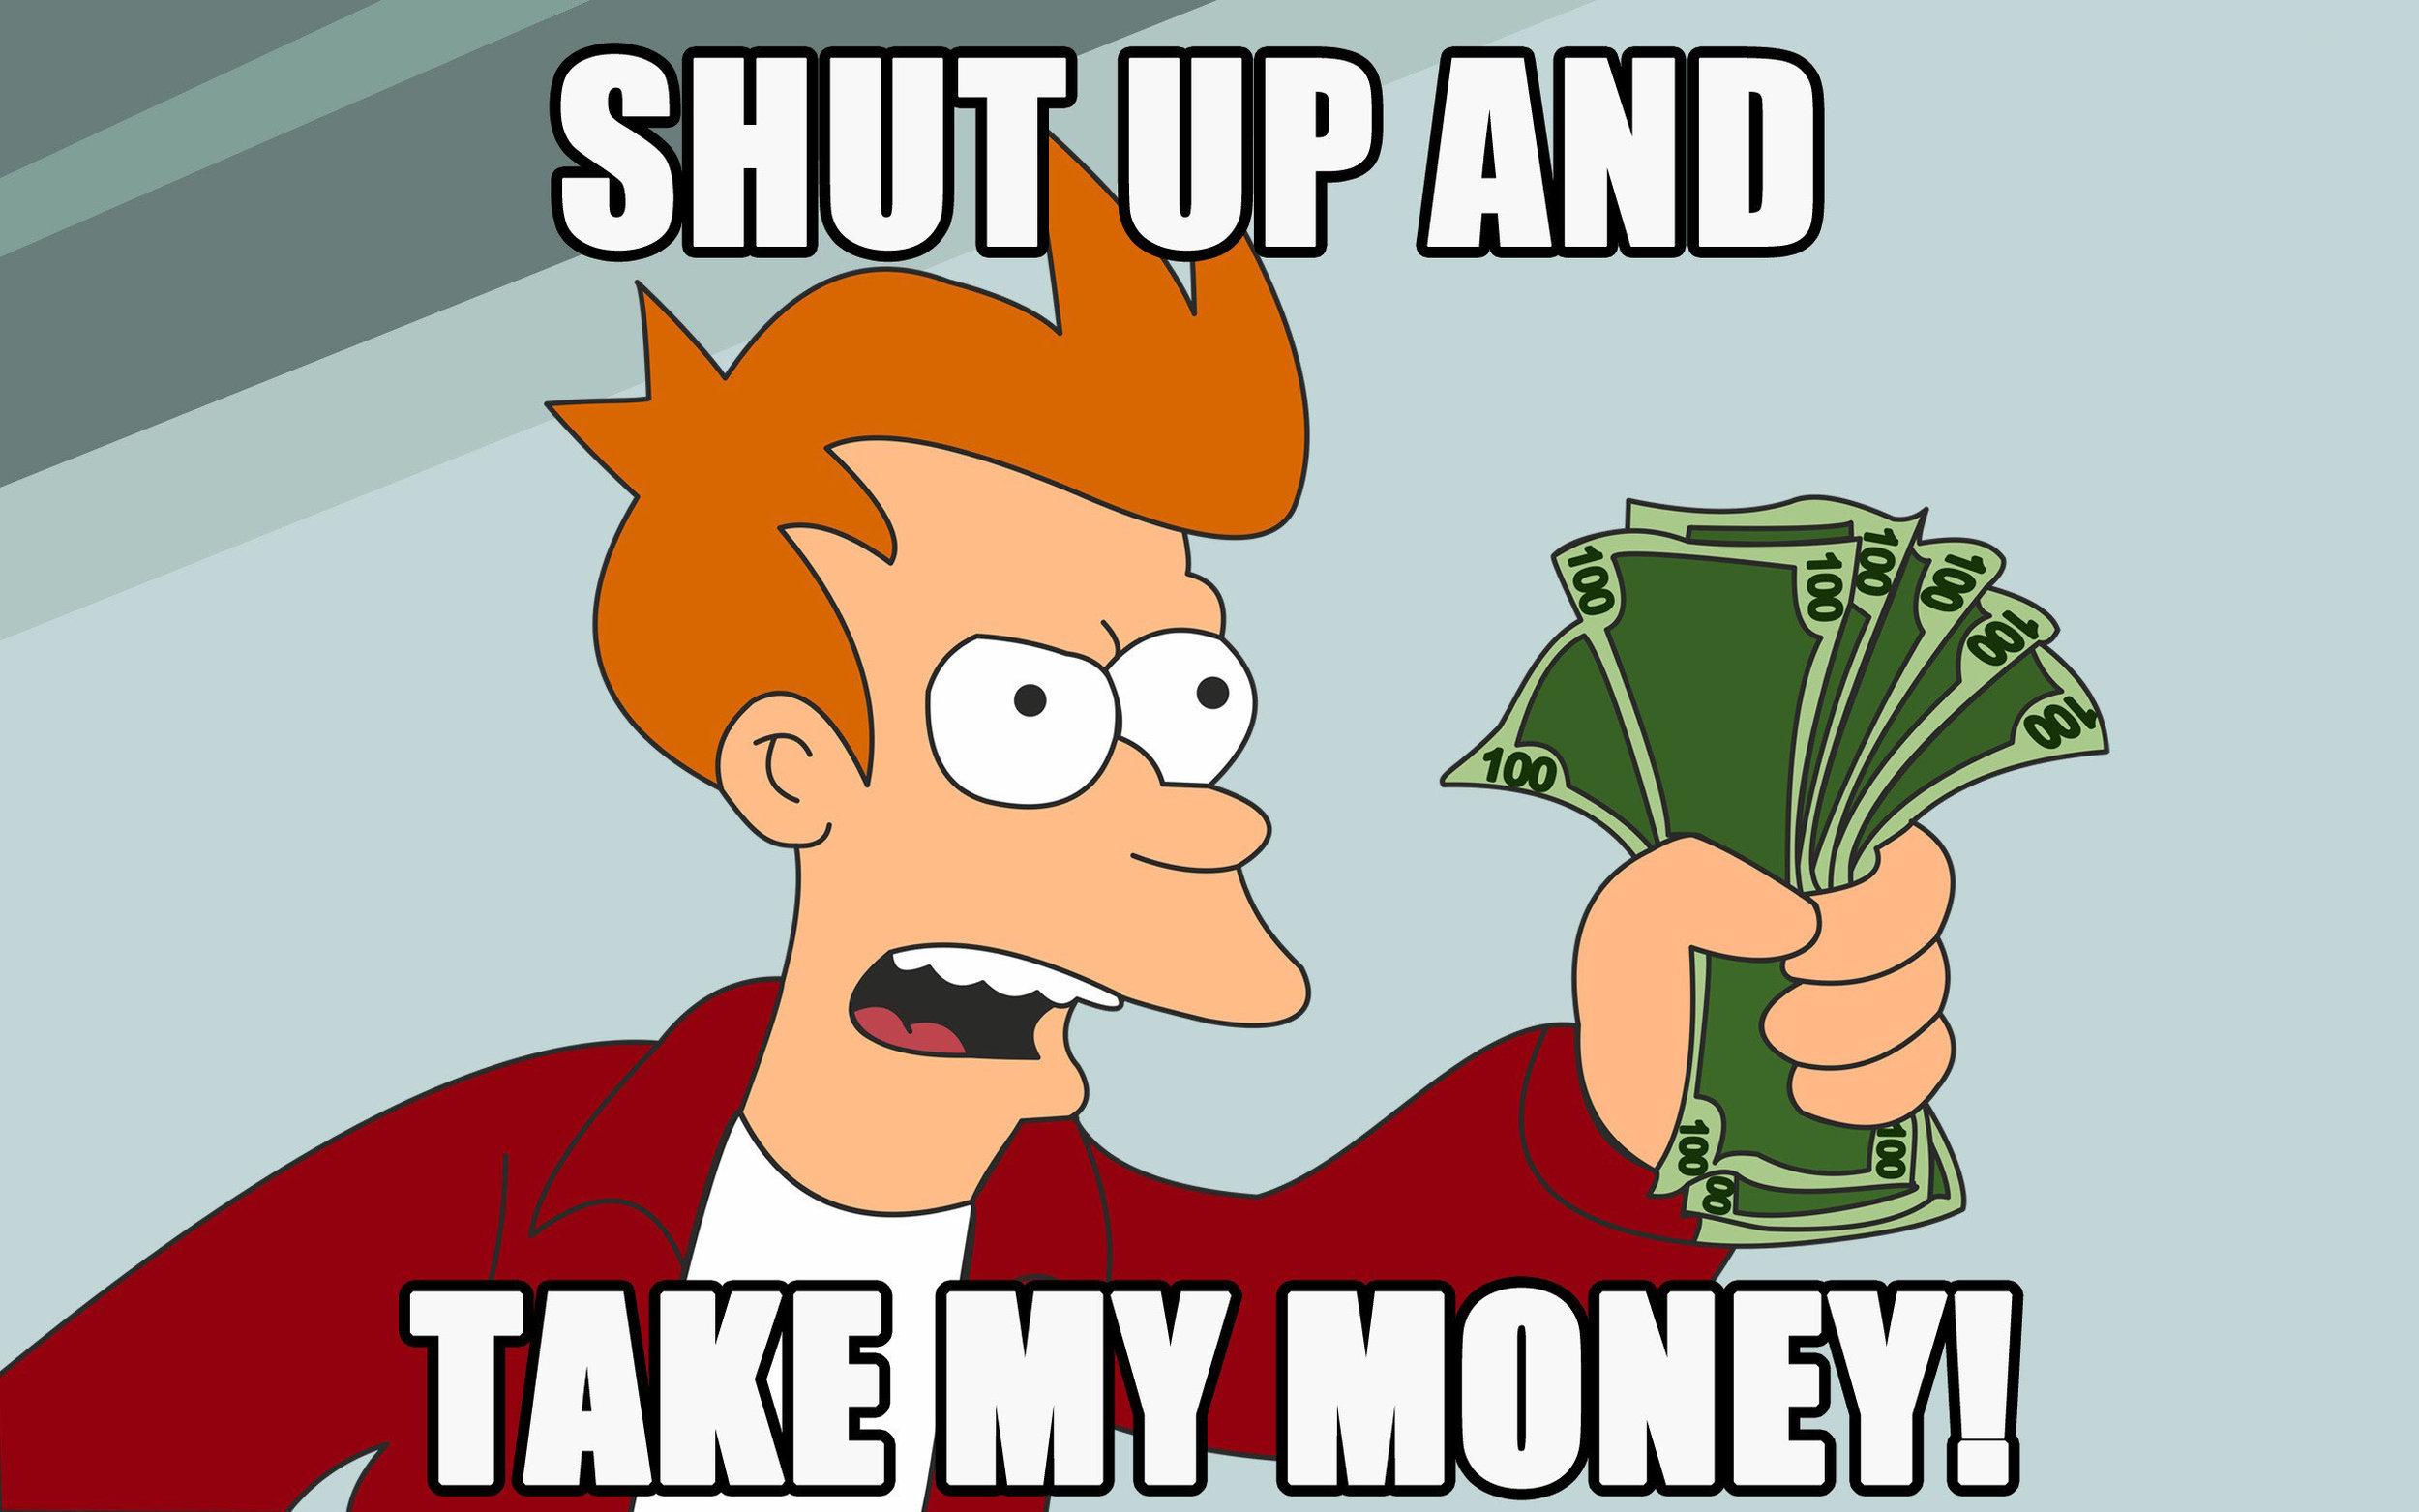 shut up and take my money meme.jpg